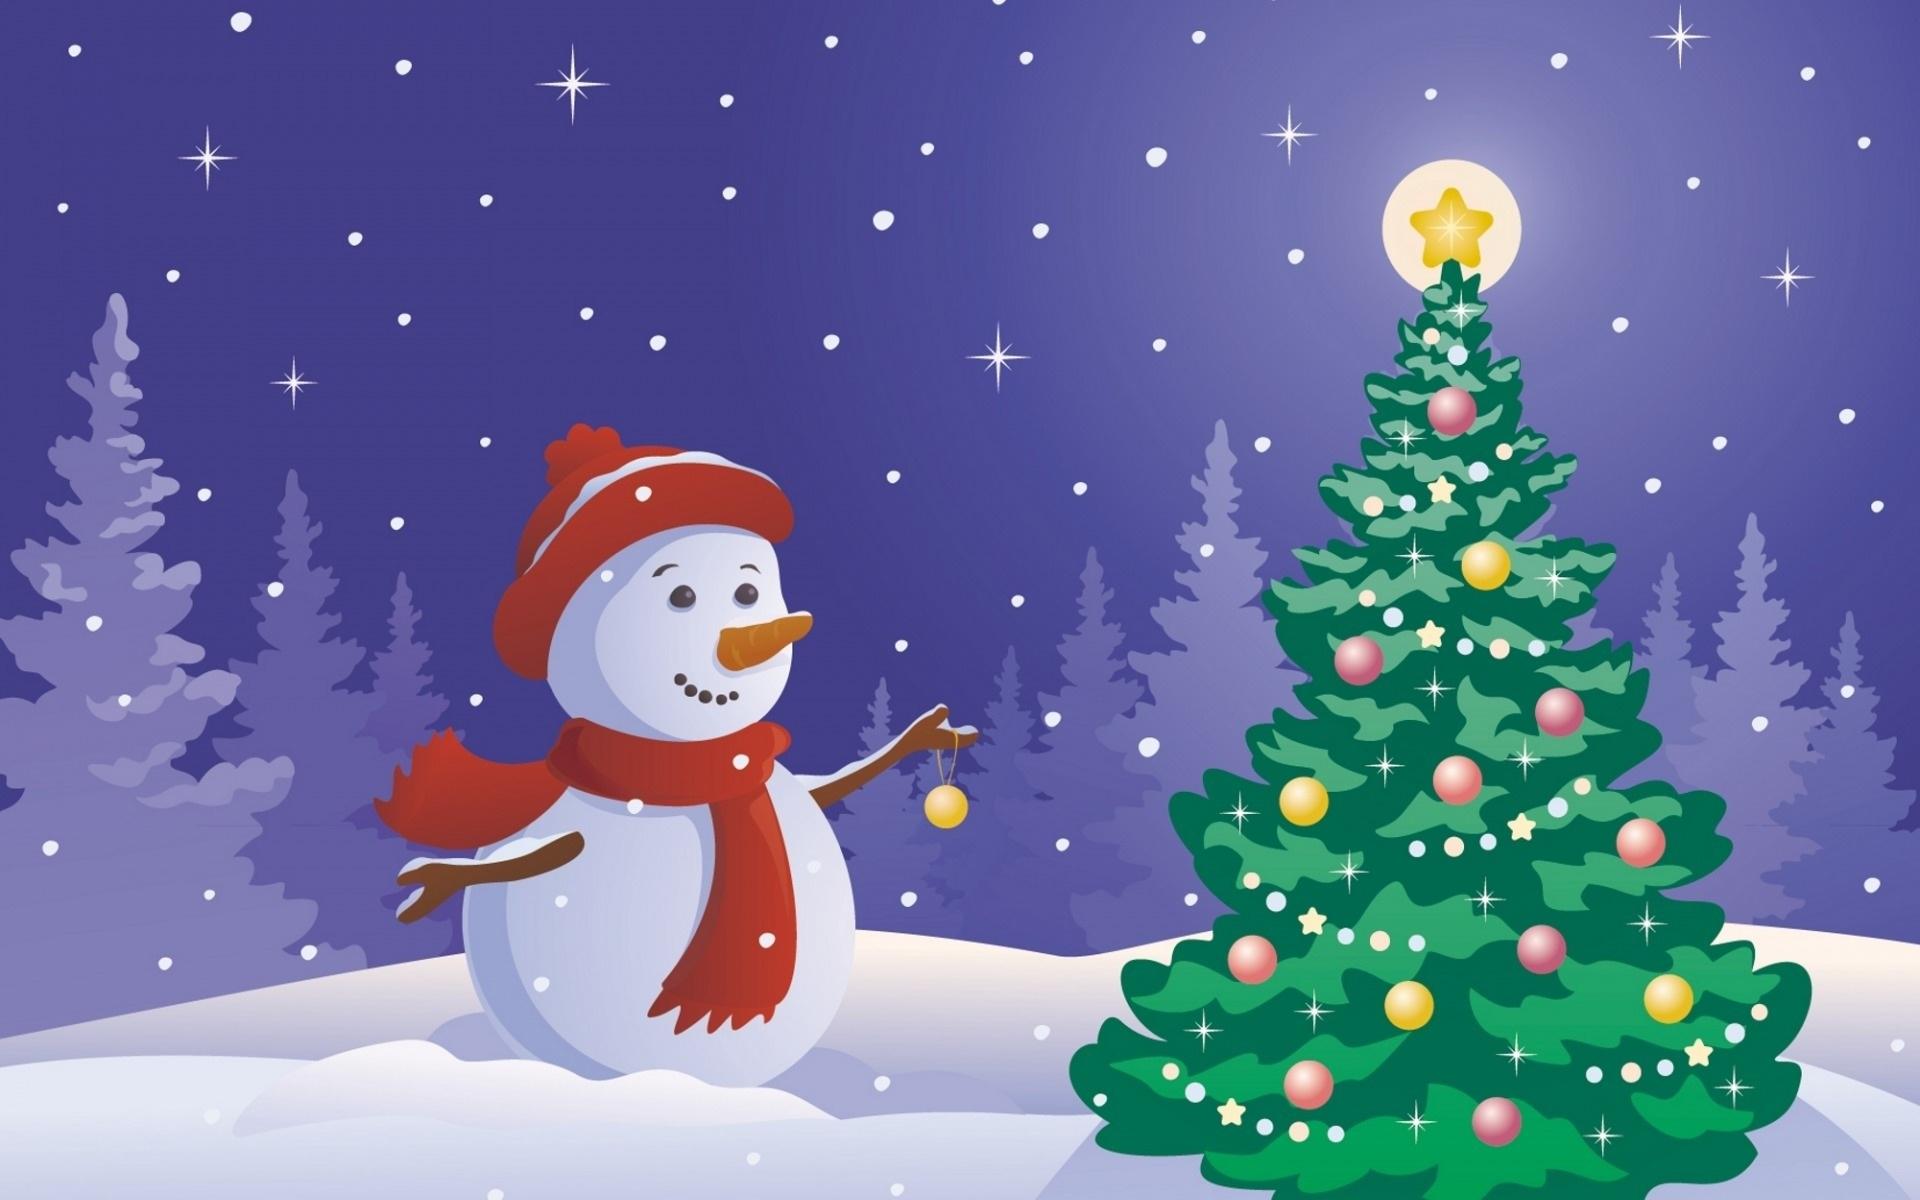 картинки мультяшного снеговика с елкой прославленный